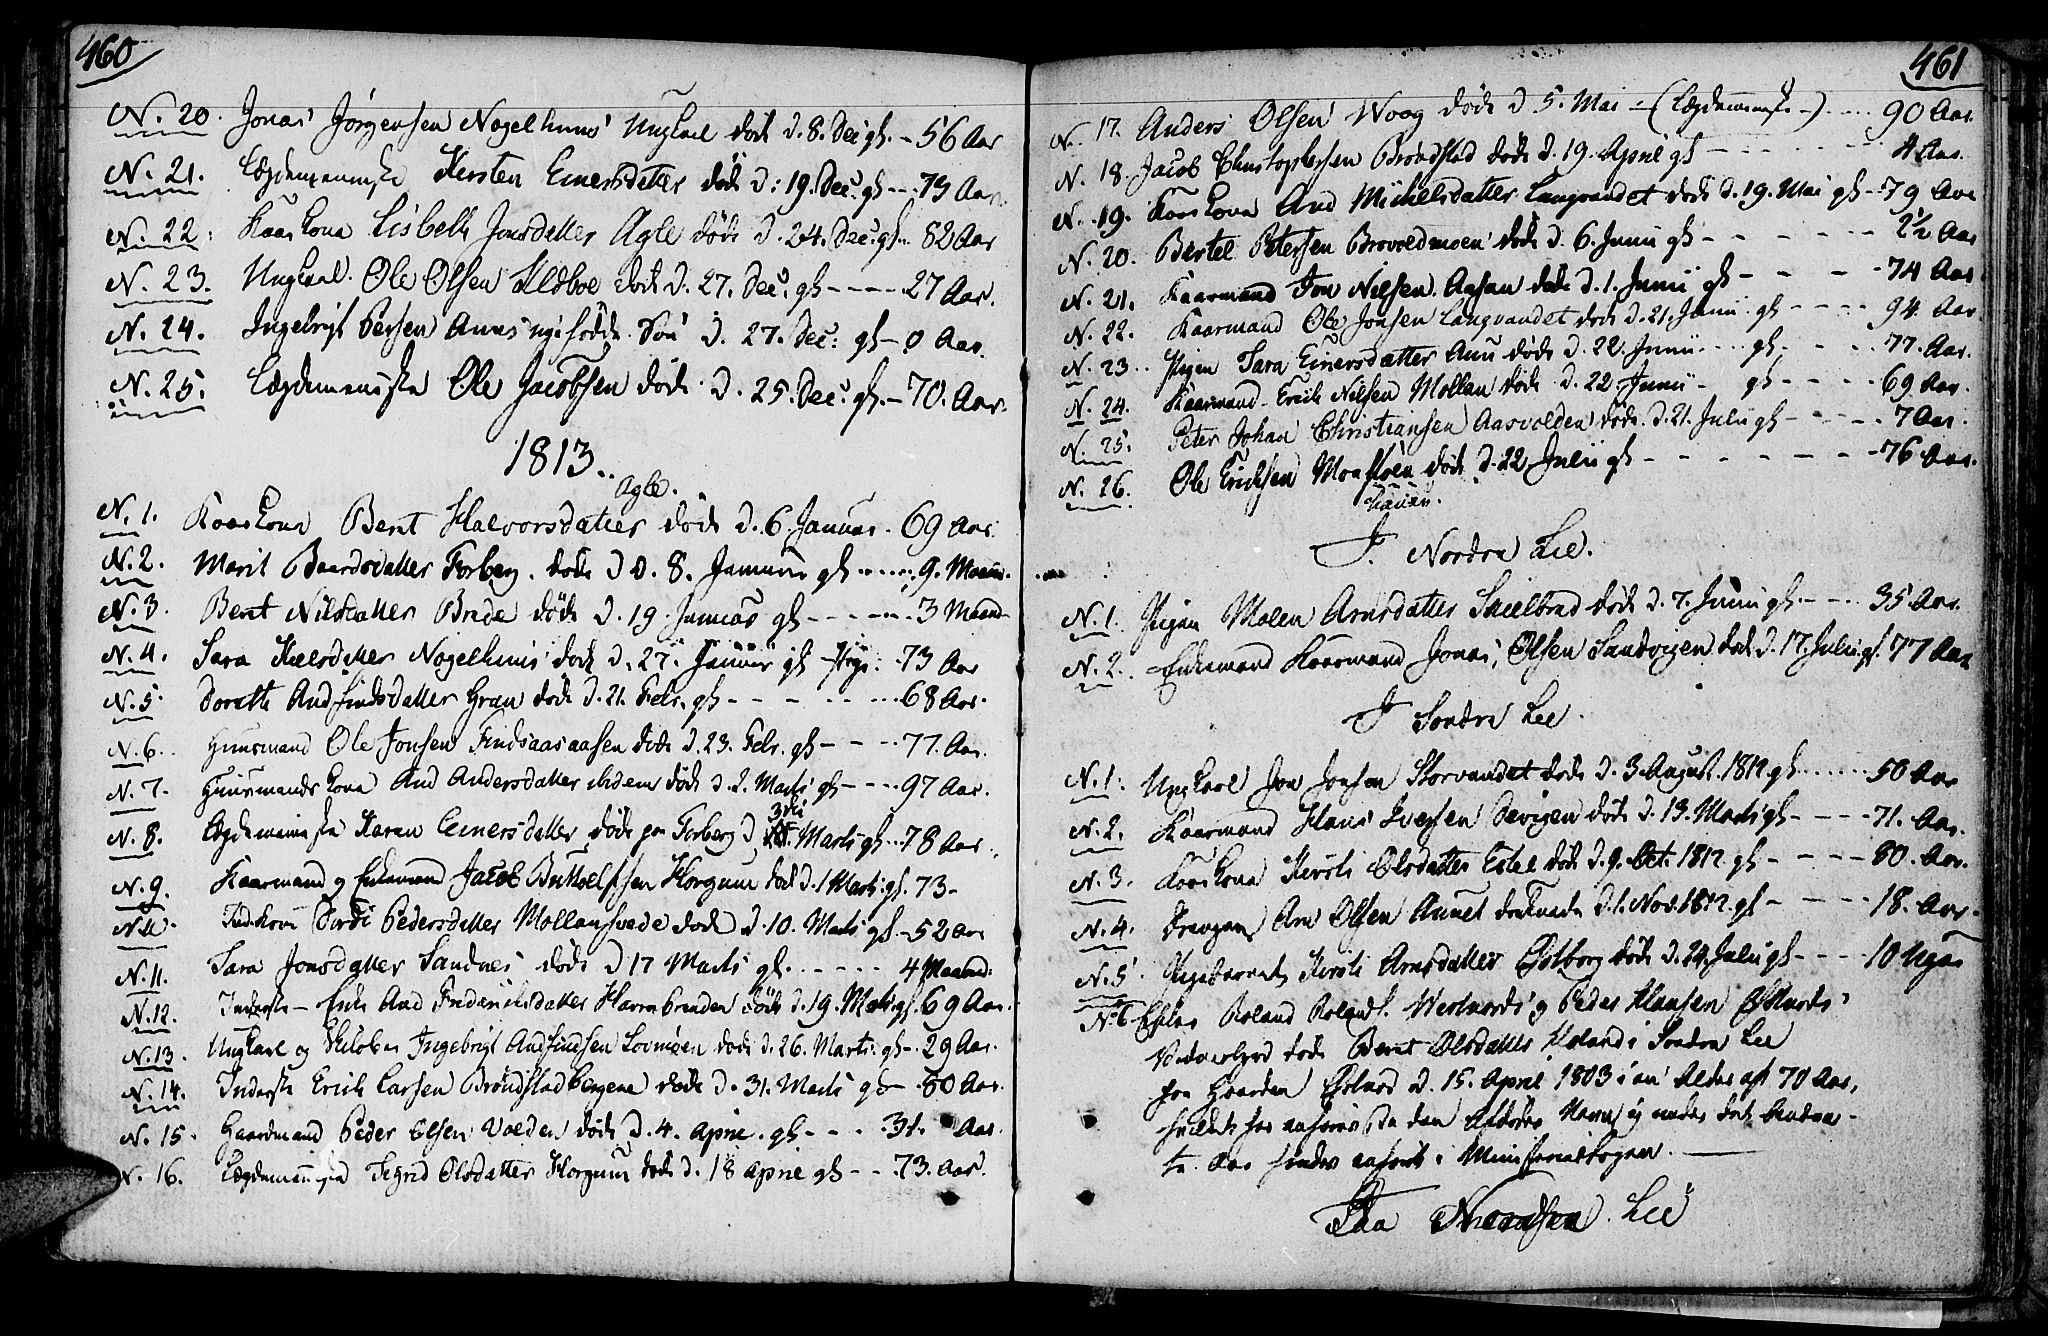 SAT, Ministerialprotokoller, klokkerbøker og fødselsregistre - Nord-Trøndelag, 749/L0468: Ministerialbok nr. 749A02, 1787-1817, s. 460-461